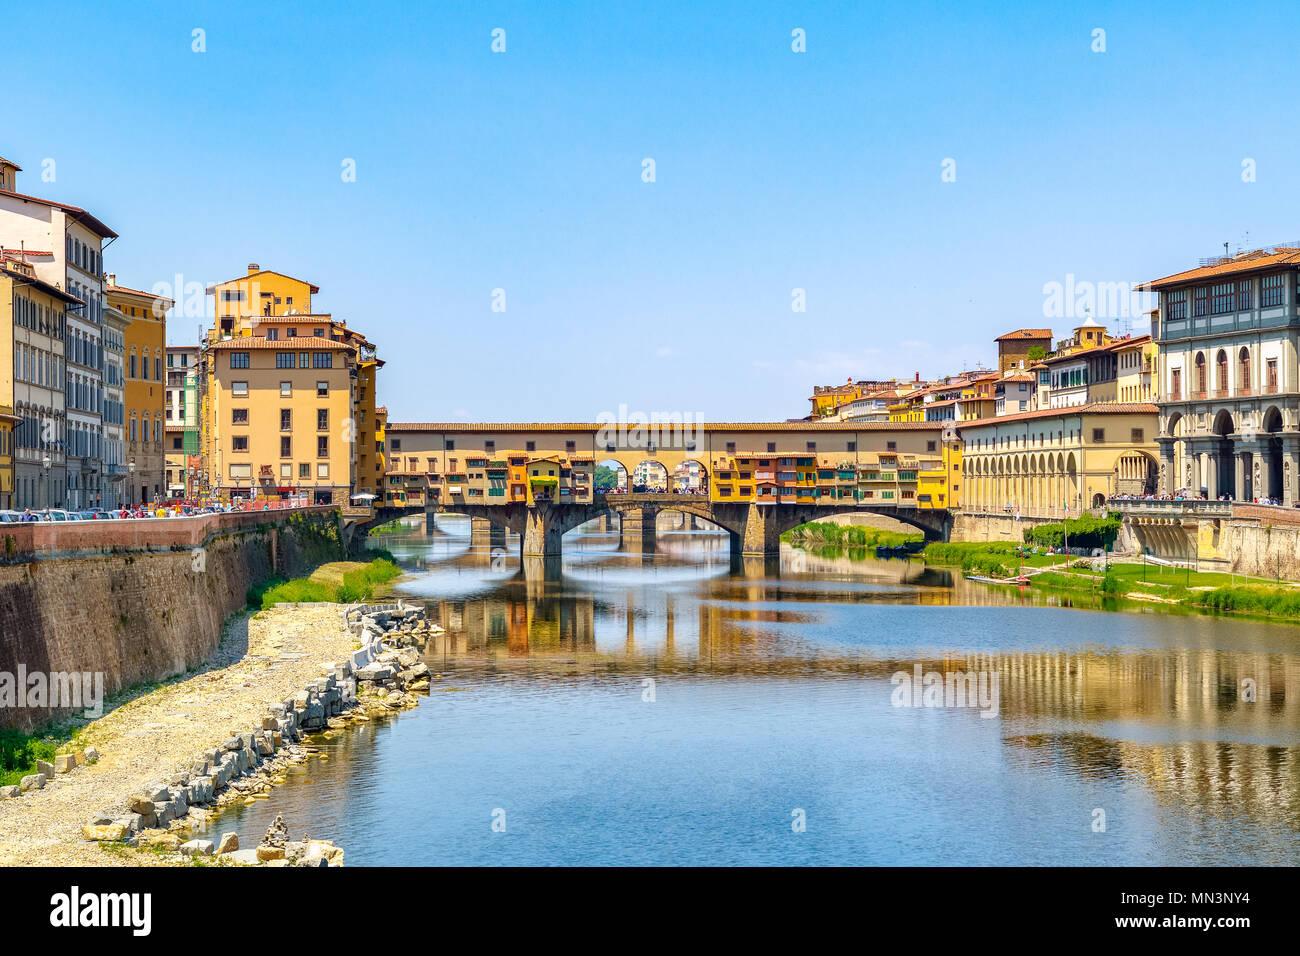 Ponte Vecchio (Alte Brücke) über den Fluss Arno in Florenz, Italien gegen einen wolkenlosen Himmel Stockbild